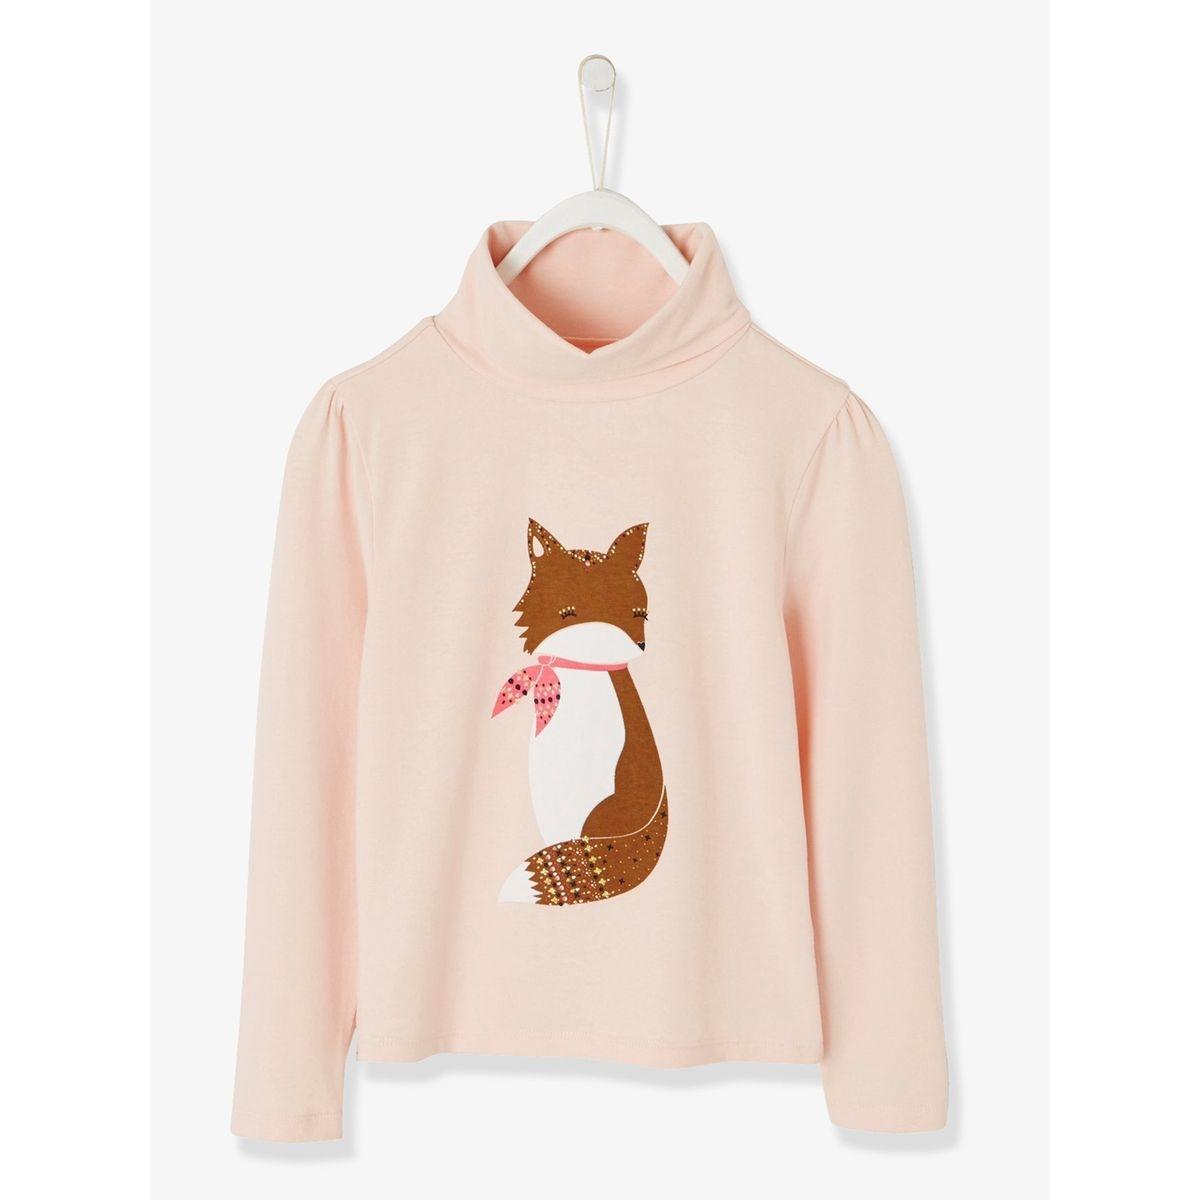 T-shirt fille imprimé renard détails irisés